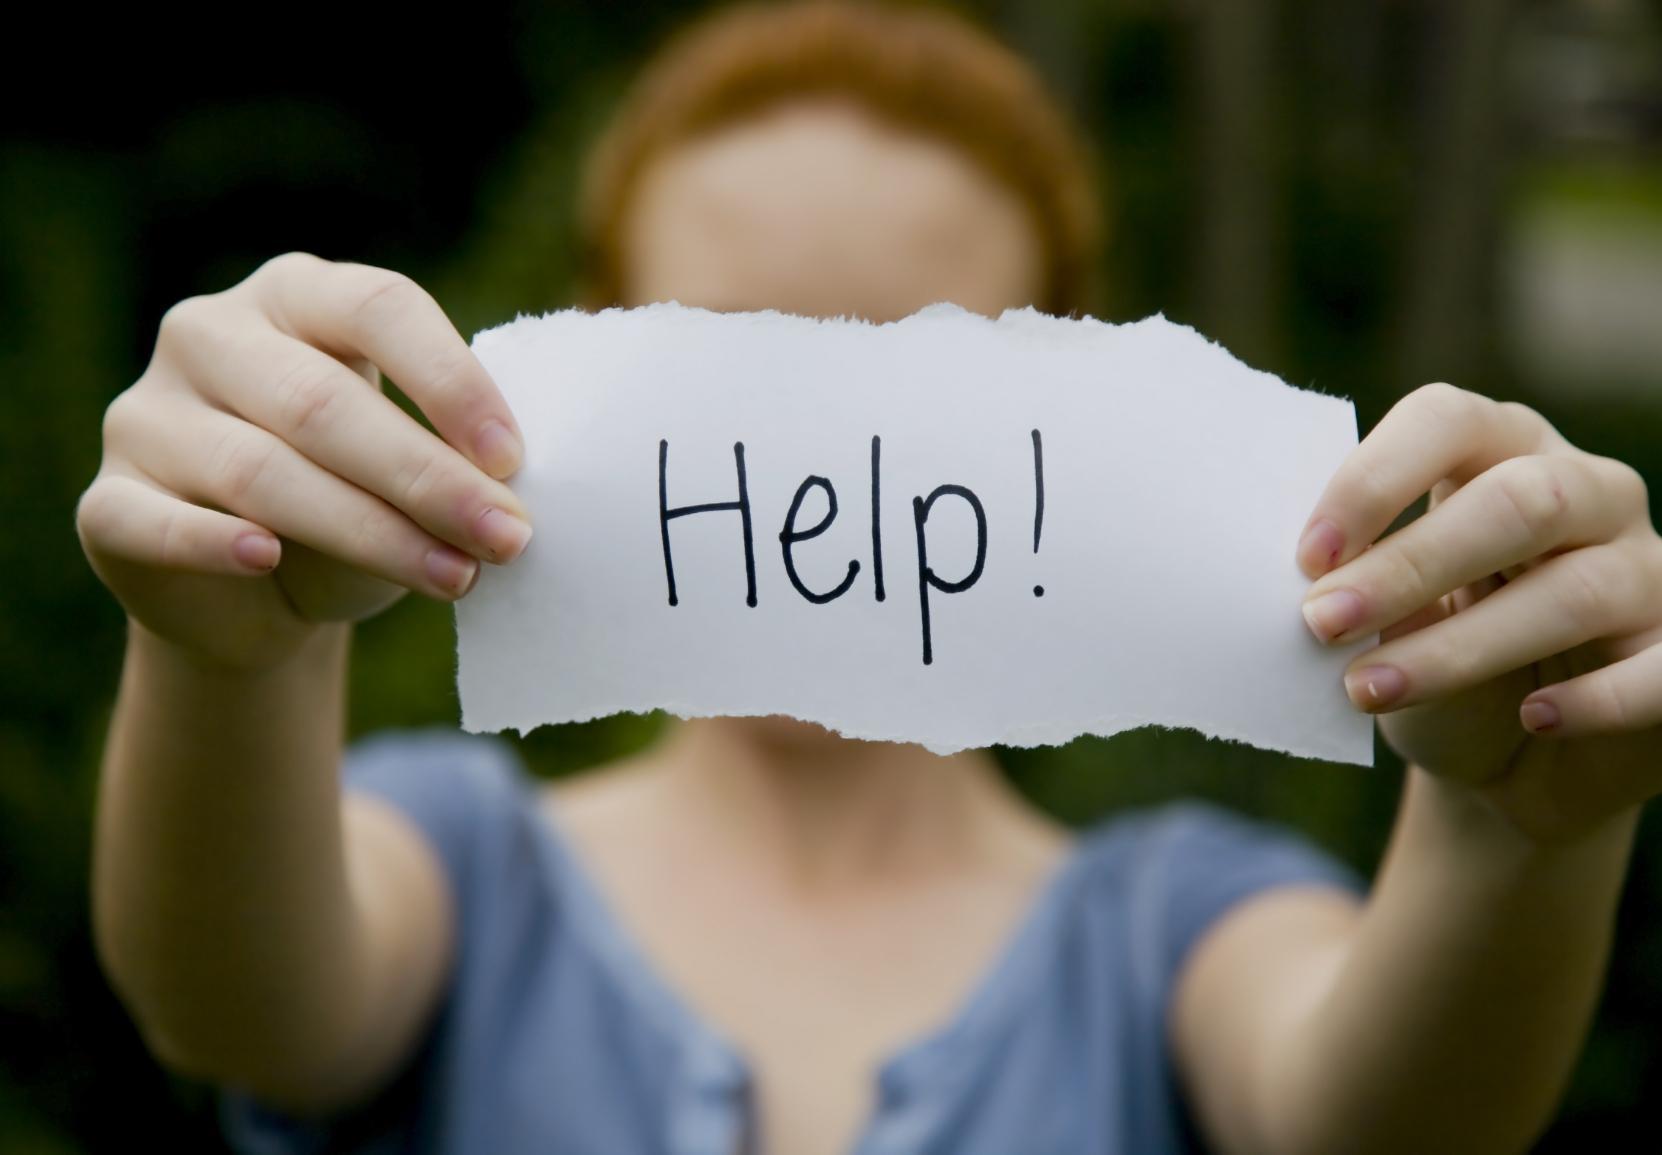 Depressão em Adolescentes: Causas e Sintomas de Depressão em Adolescentes